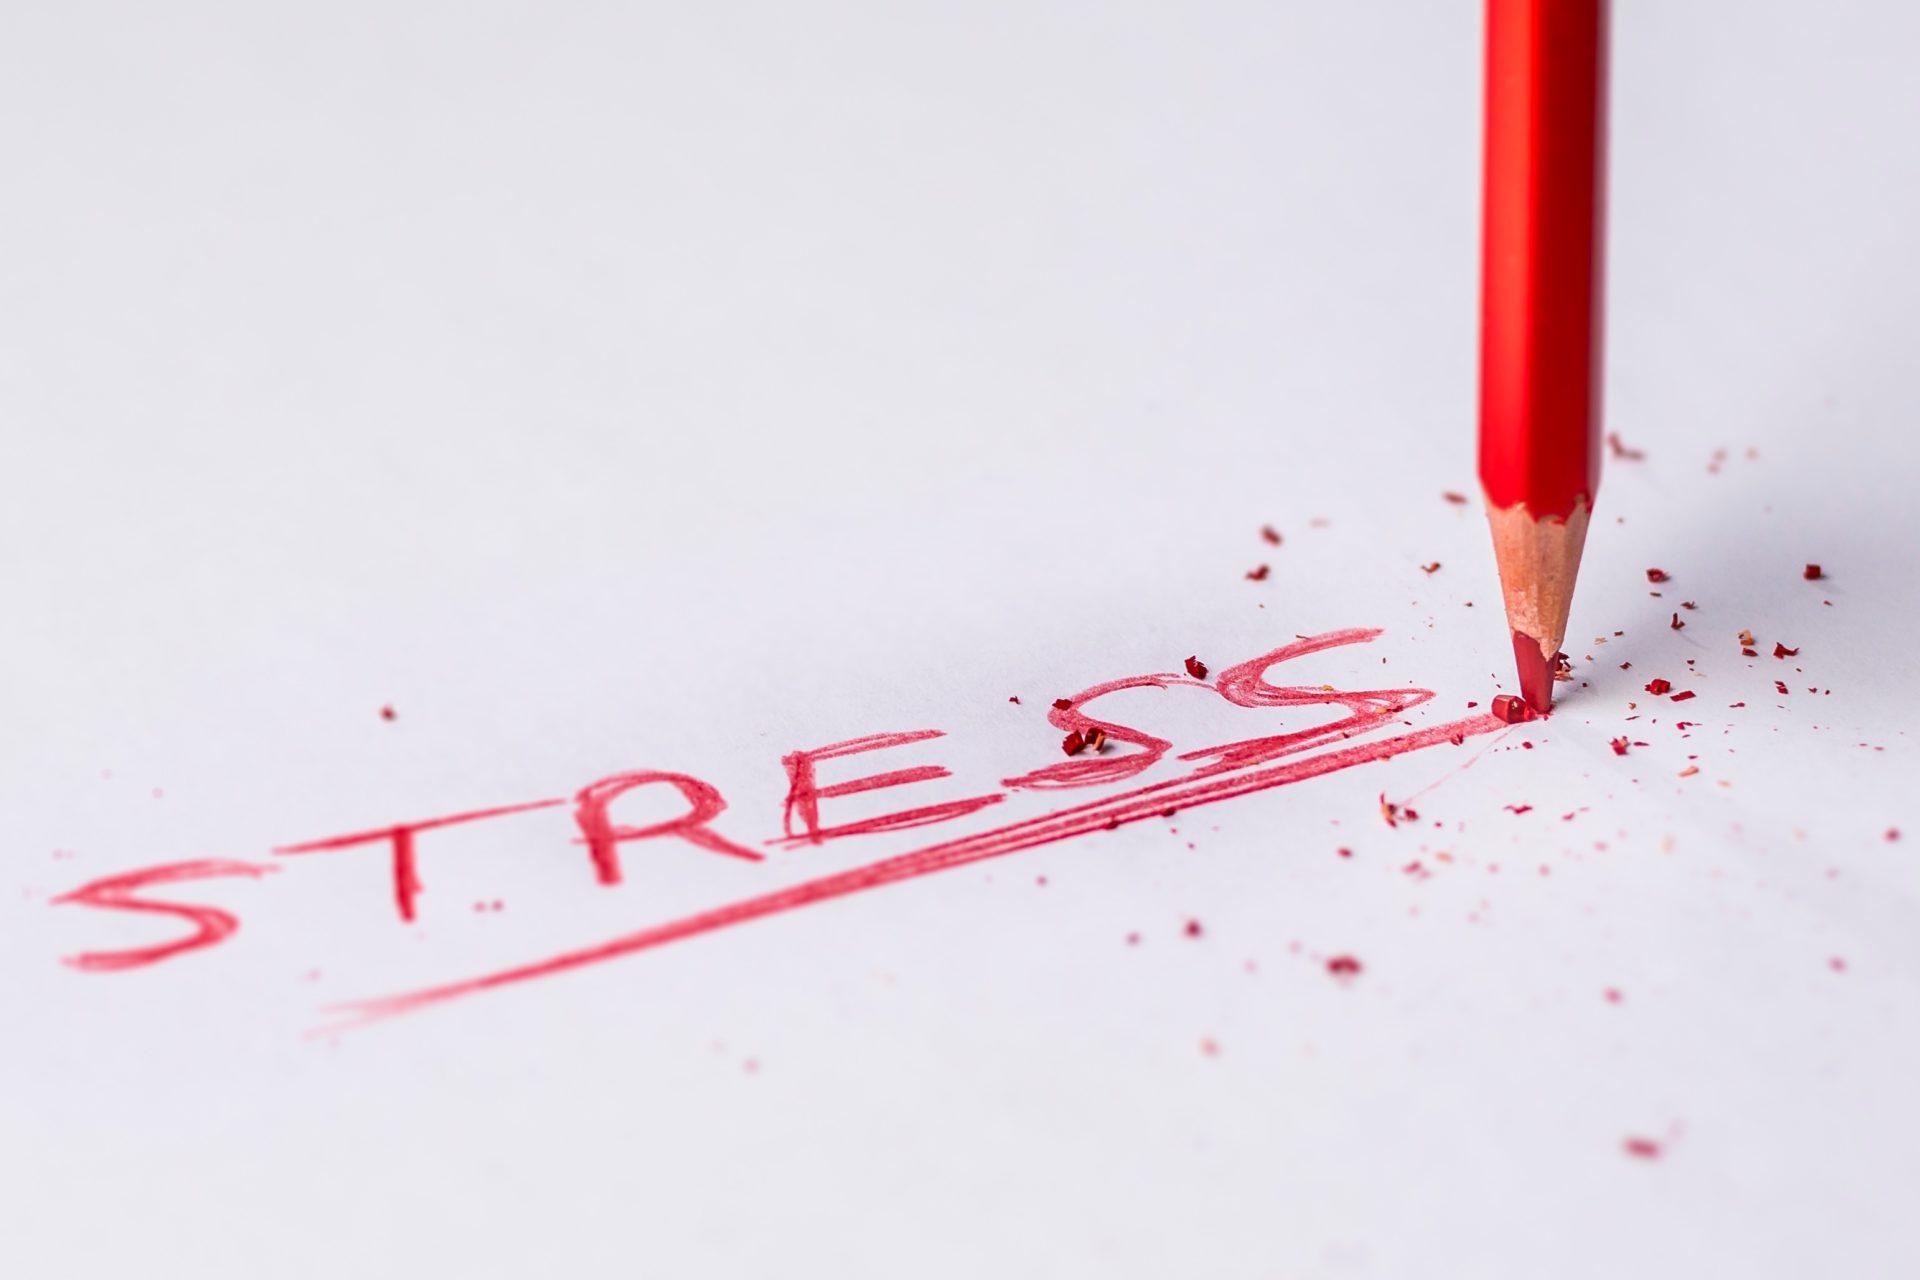 Canva Stress Handwritten Text on White Printer Paper - So werden wir mit Stress leichter fertig